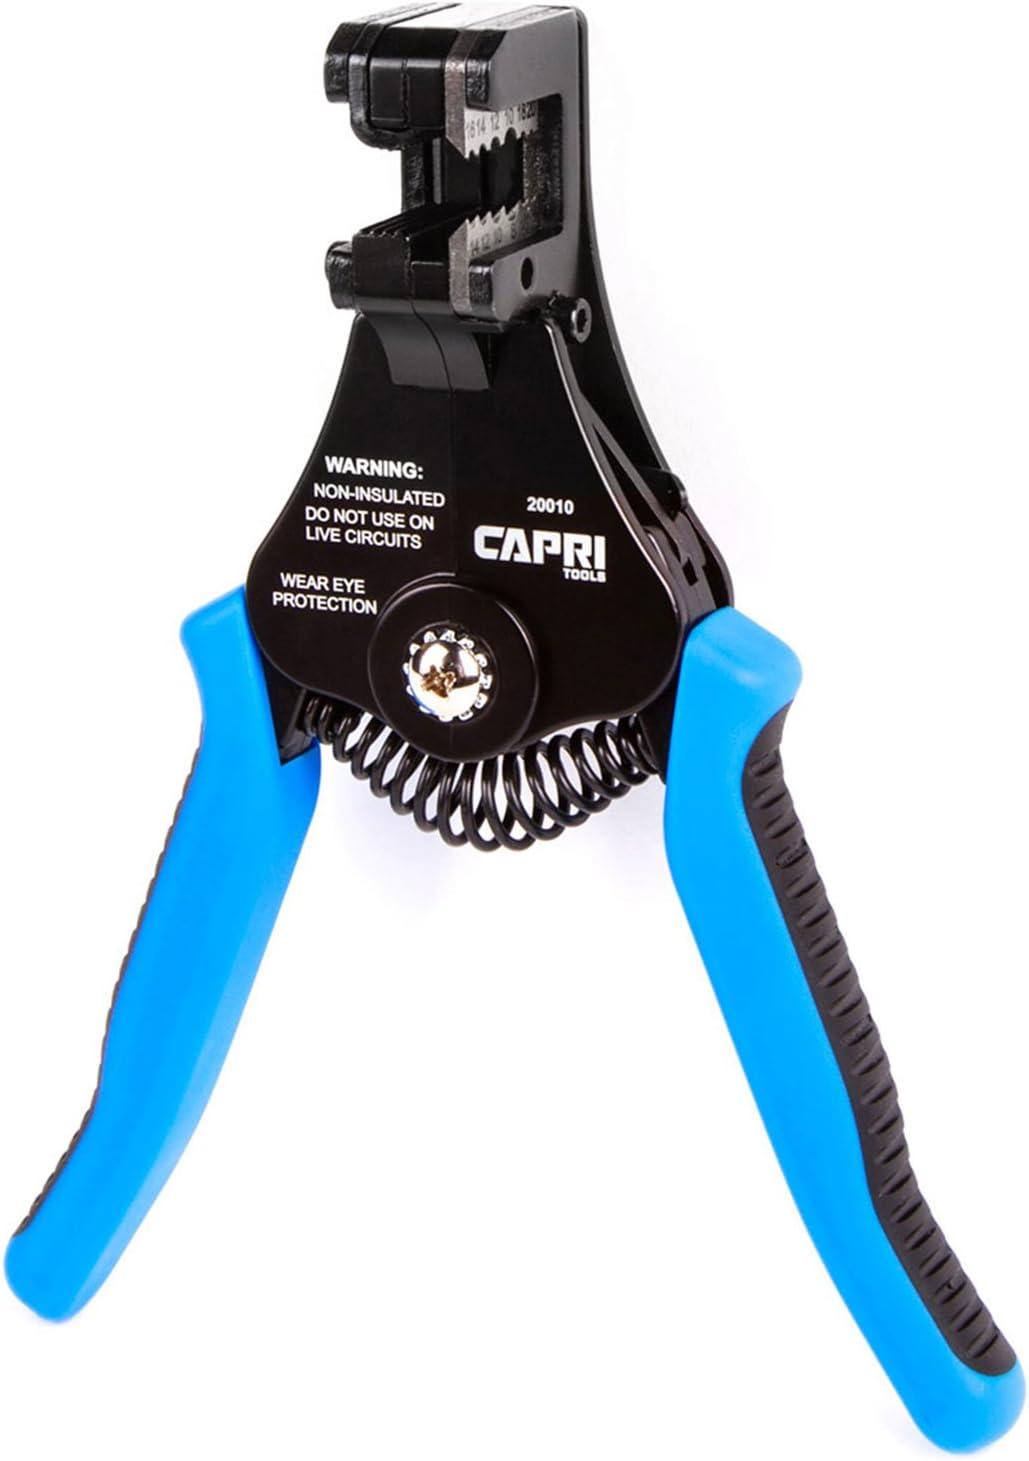 Capri Tools Precision Wire Stripper